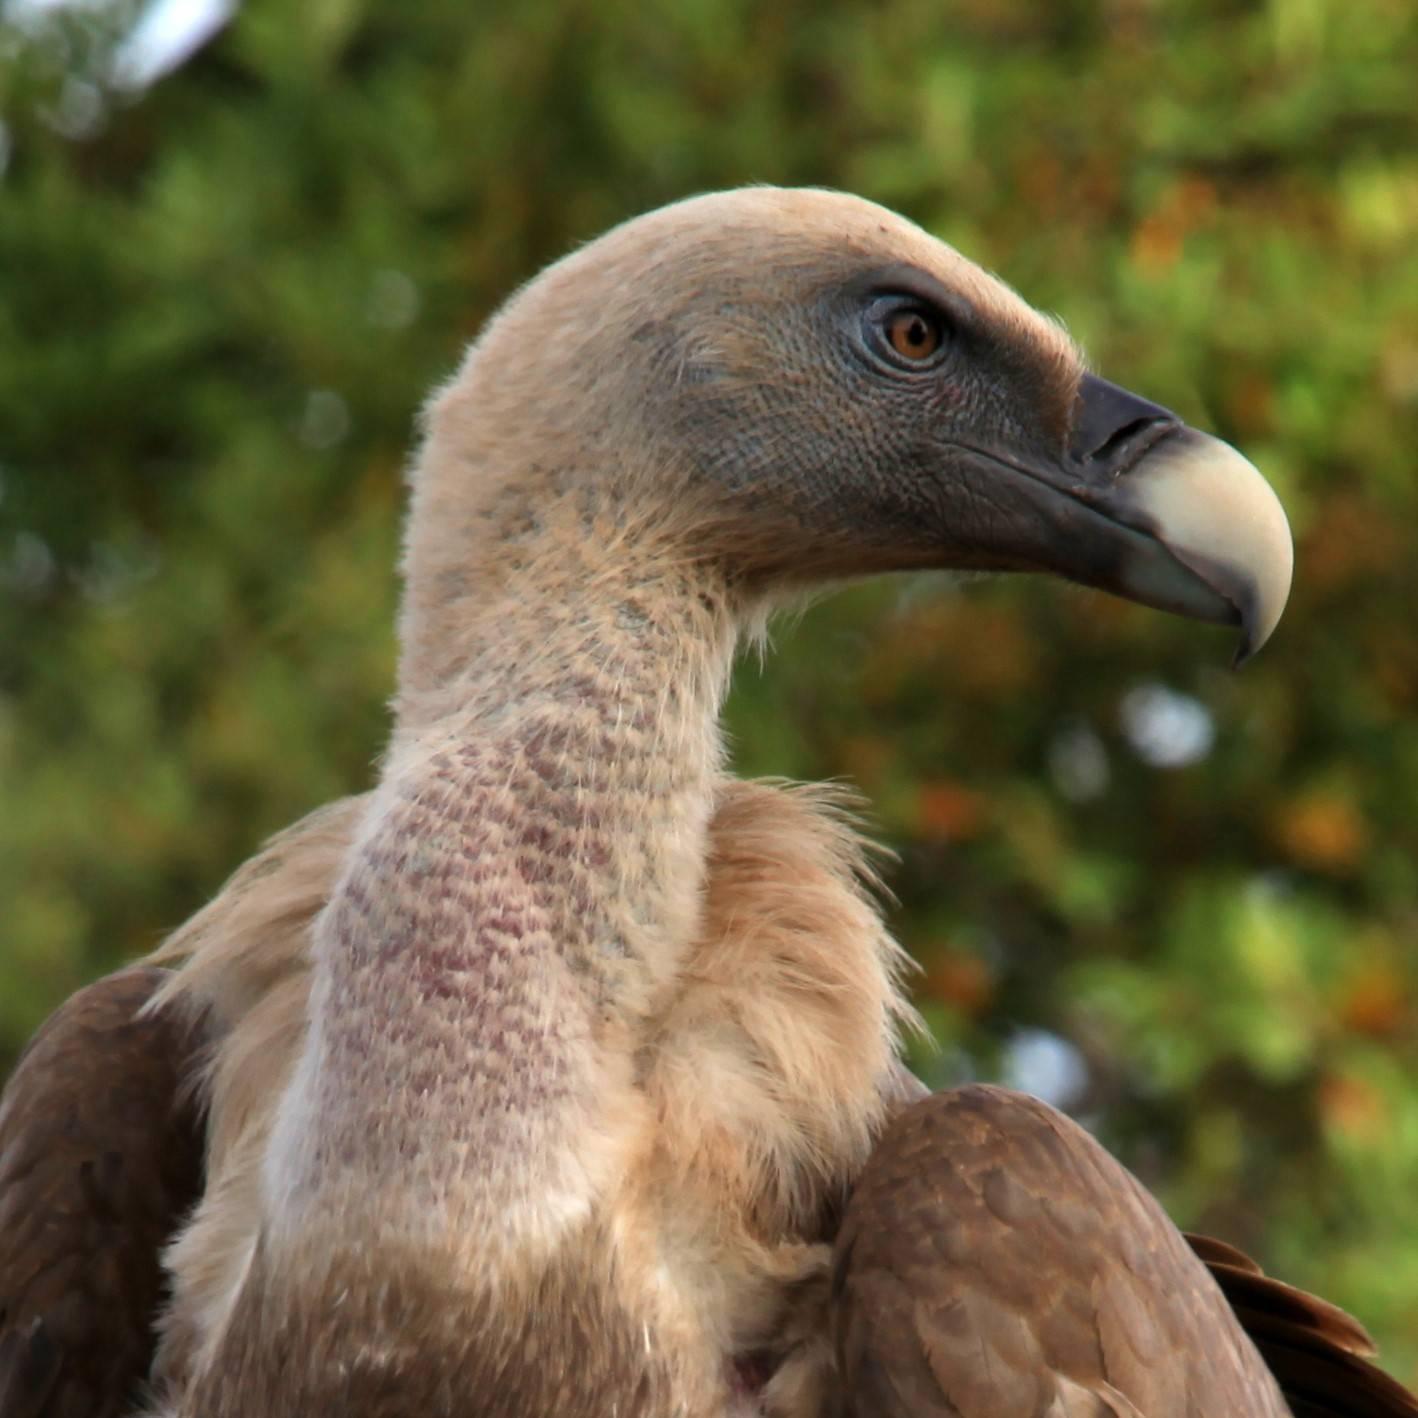 A portrait image of a Griffon vulture